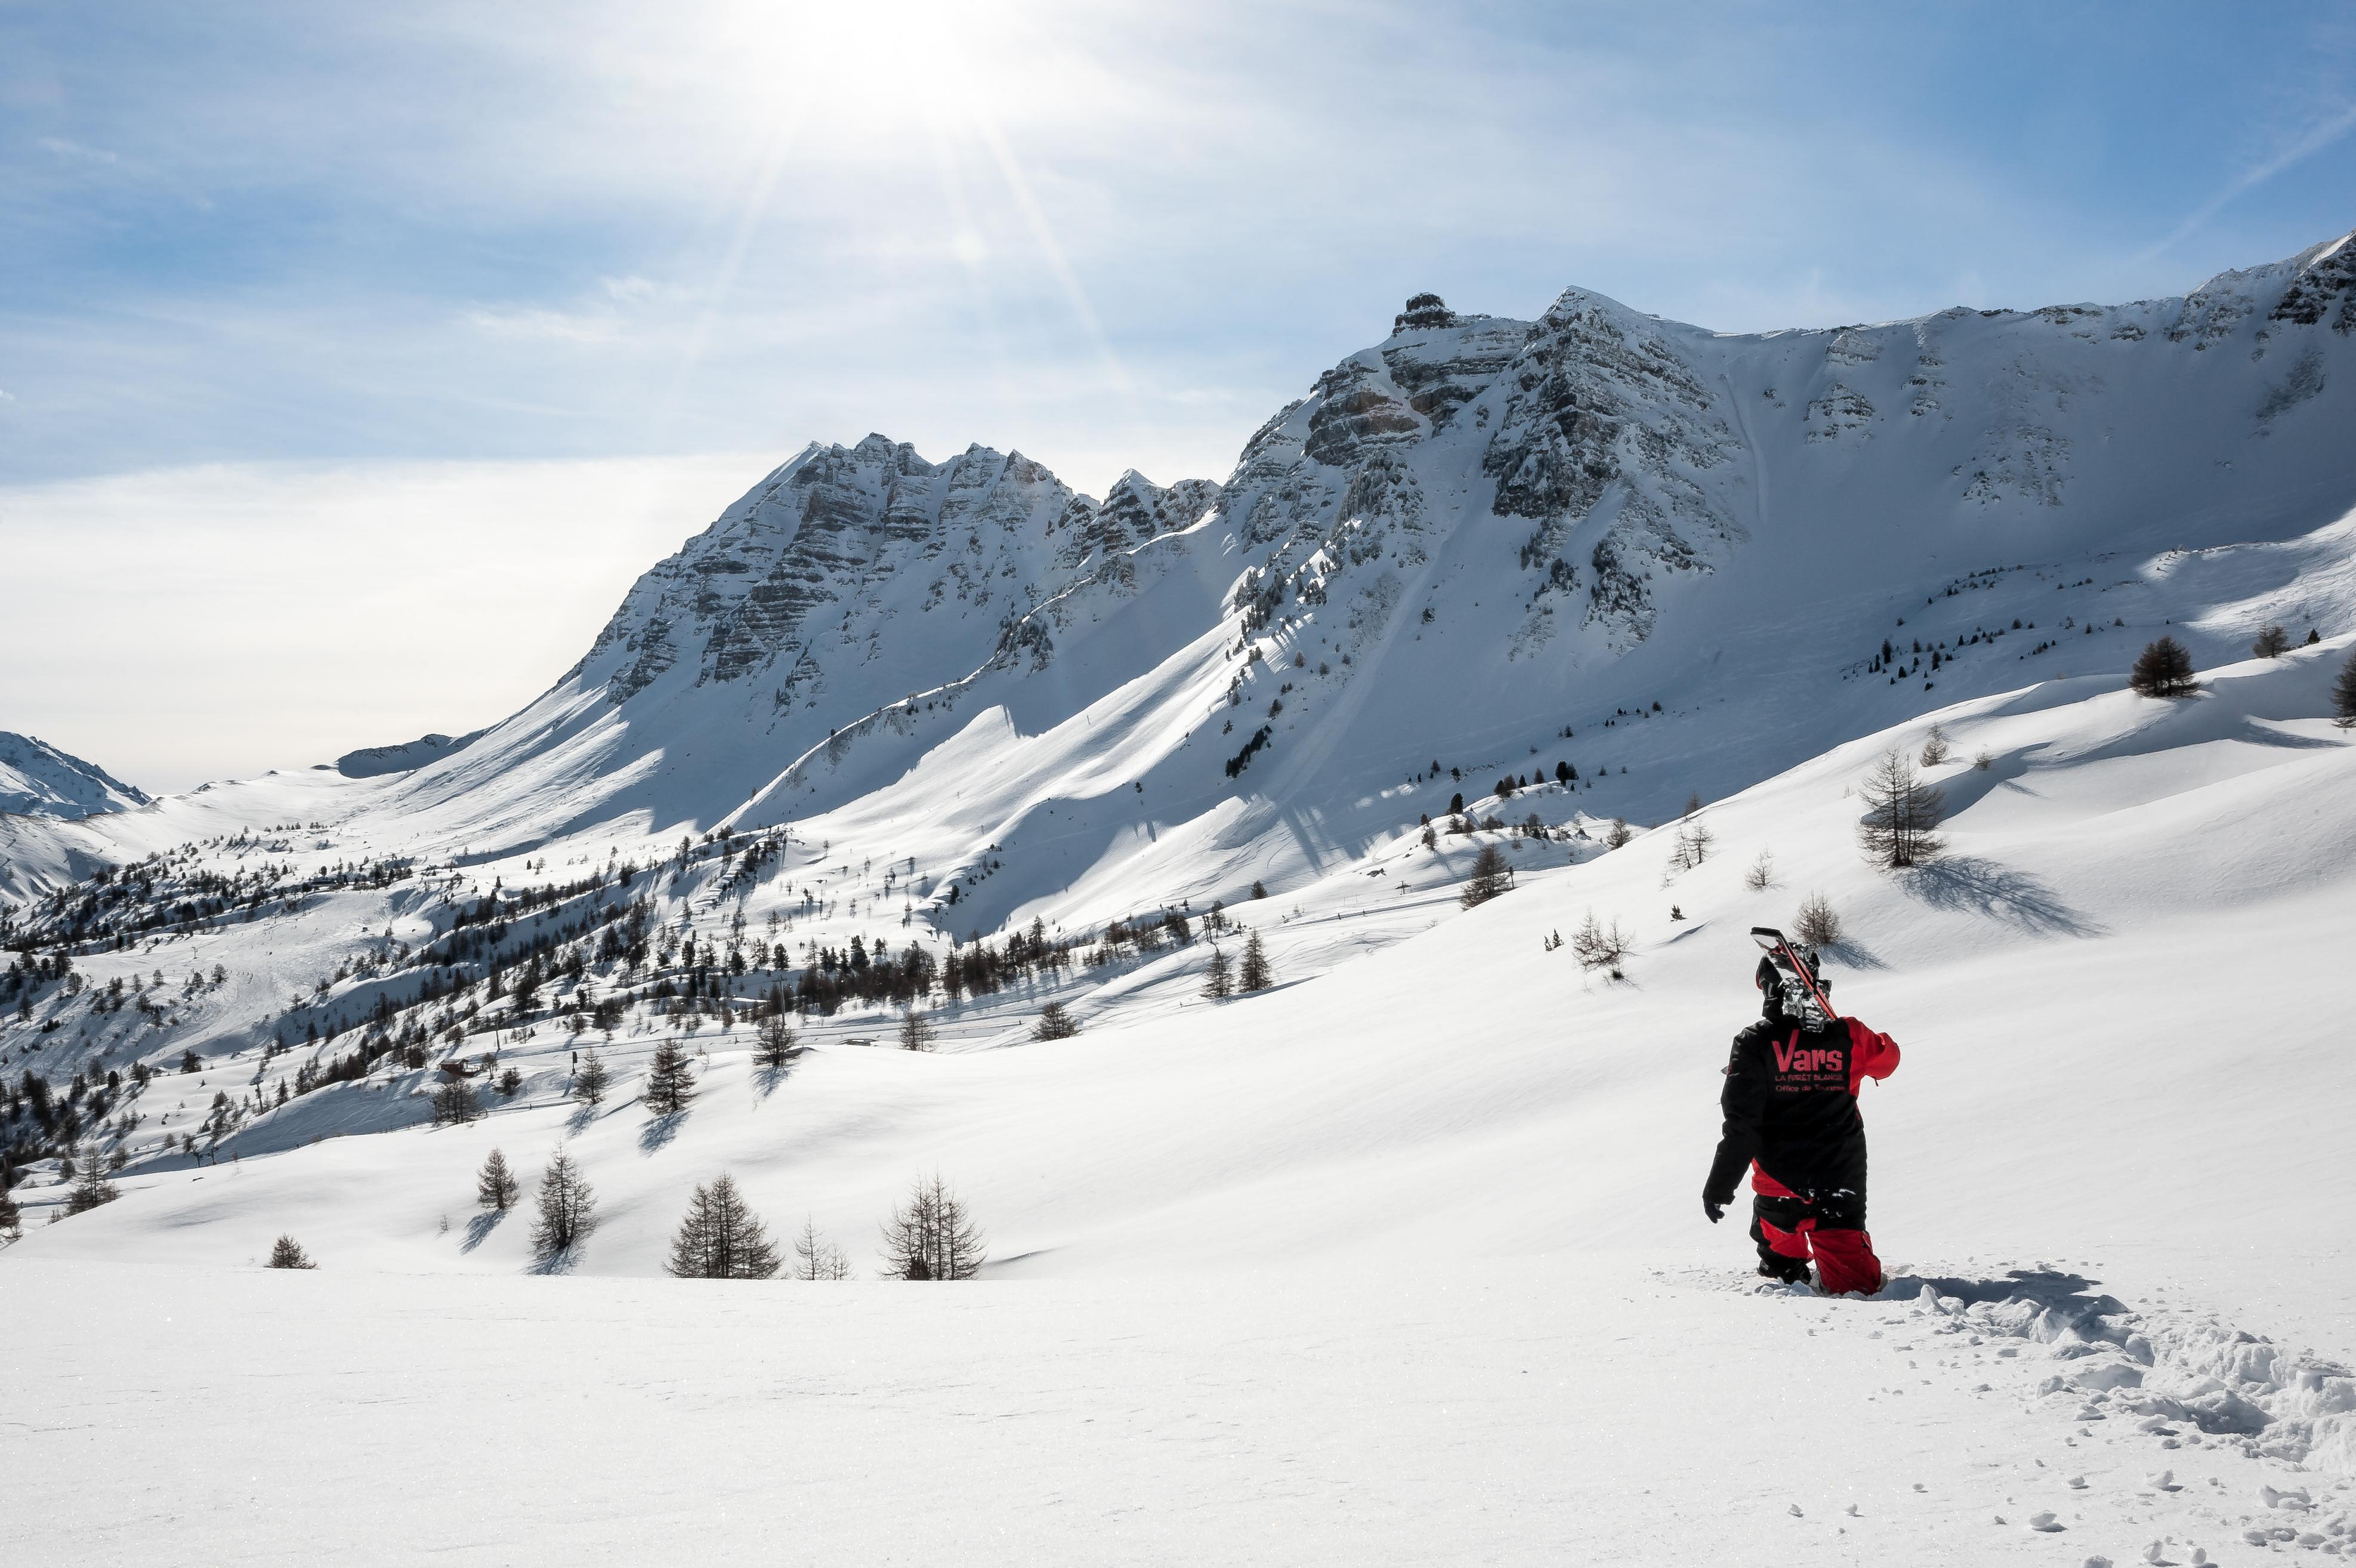 station ski Vars